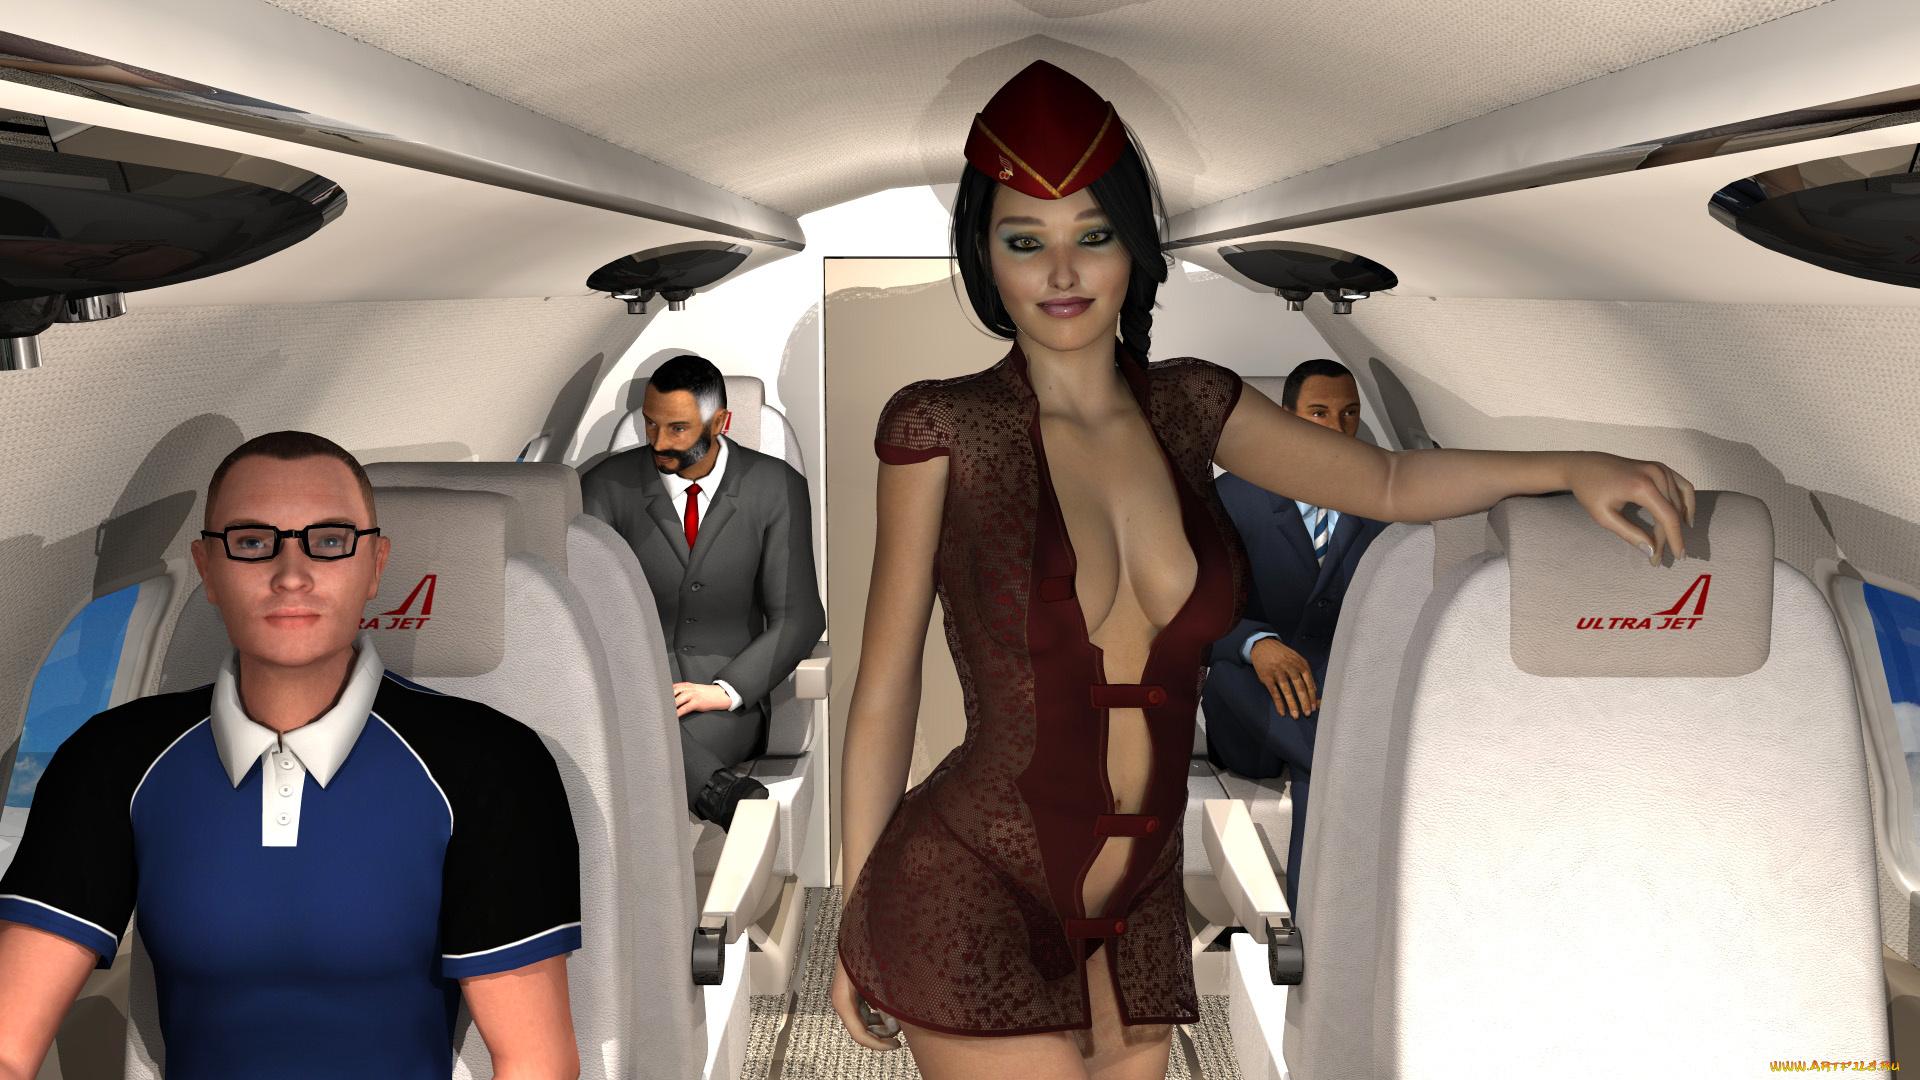 Секс со стюардессой смотреть онлайн, порно видео стюардессы смотреть онлайн бесплатно 22 фотография